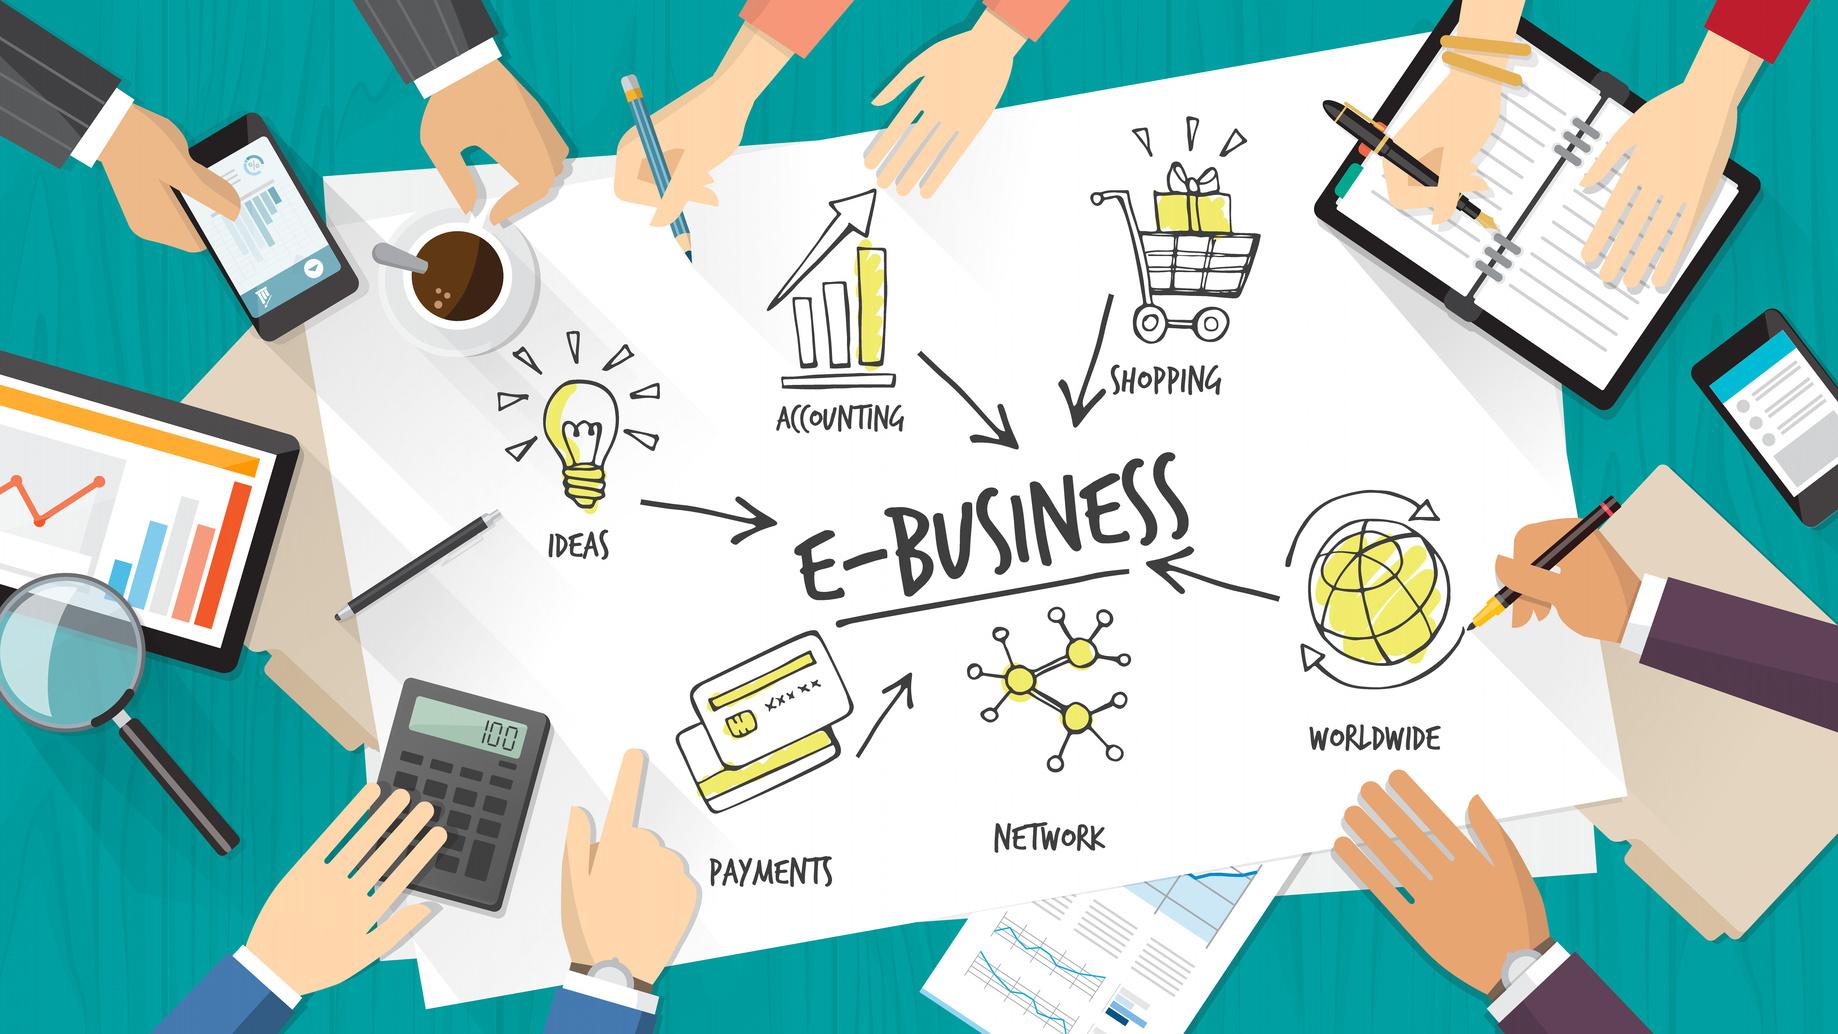 e business1 1 15947429895661867761976 - Kinh nghiệm kinh doanh cửa hàng điện máy hiệu quả